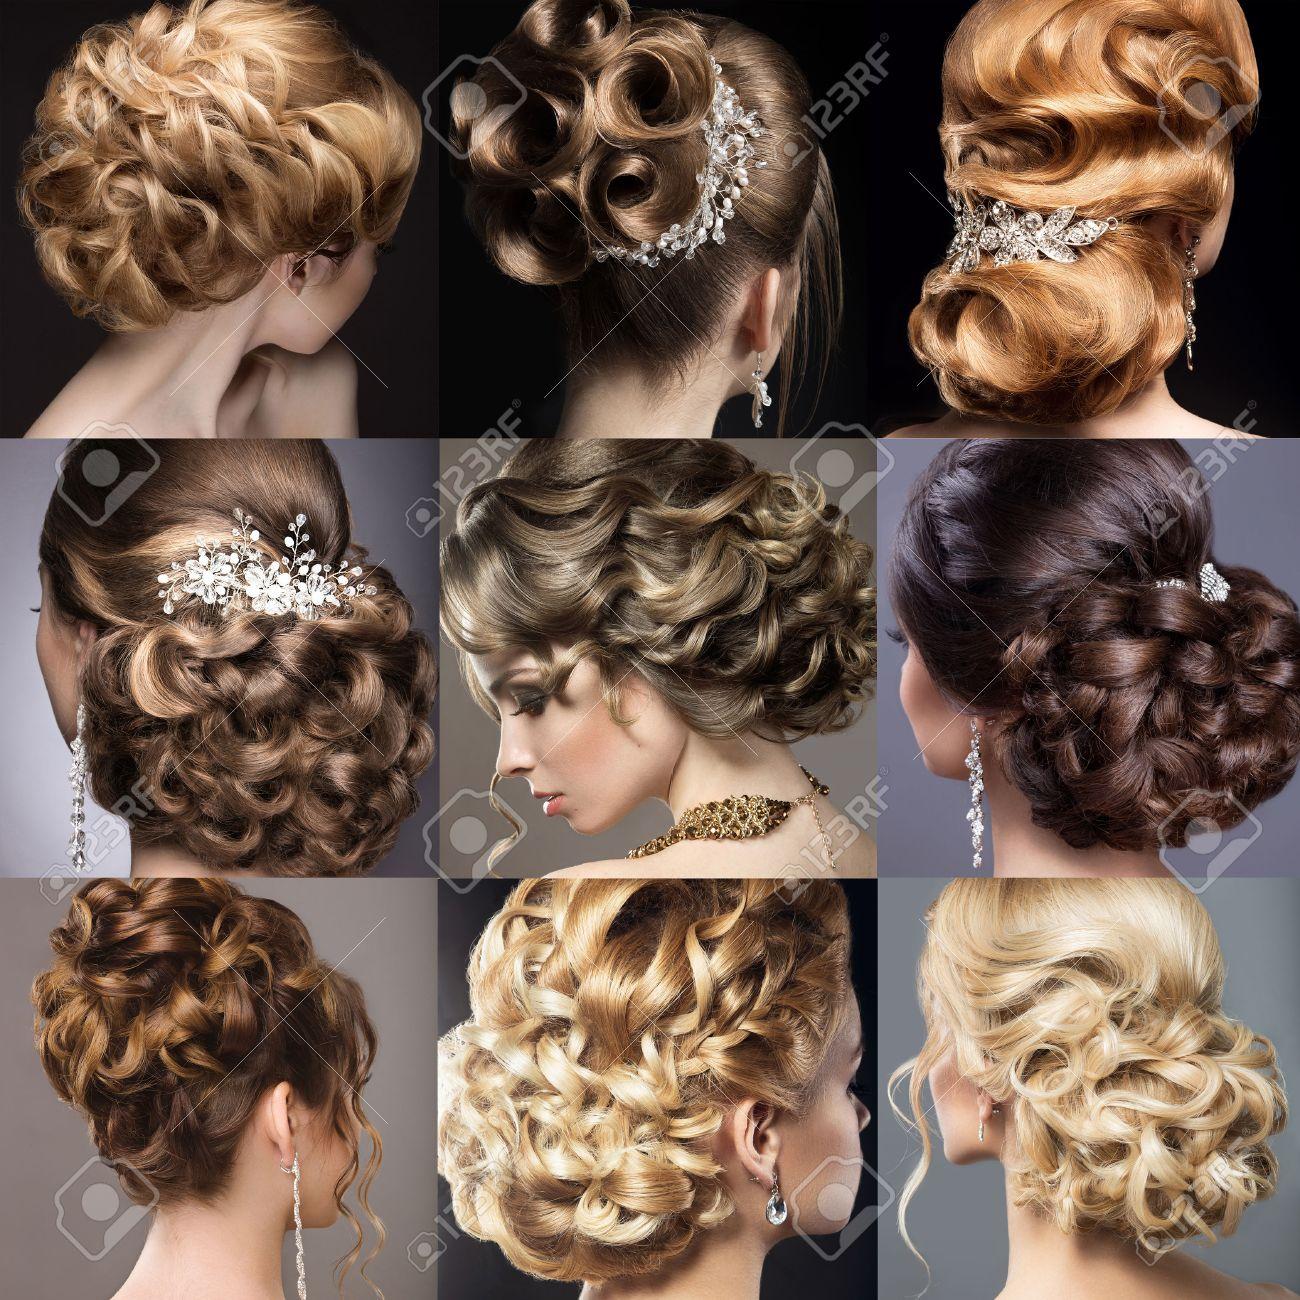 Elegant Schöne Frisuren Für Mädchen Dekoration Von Sammlung Von Hochzeit Frisuren. Schöne Mädchen. Beauty